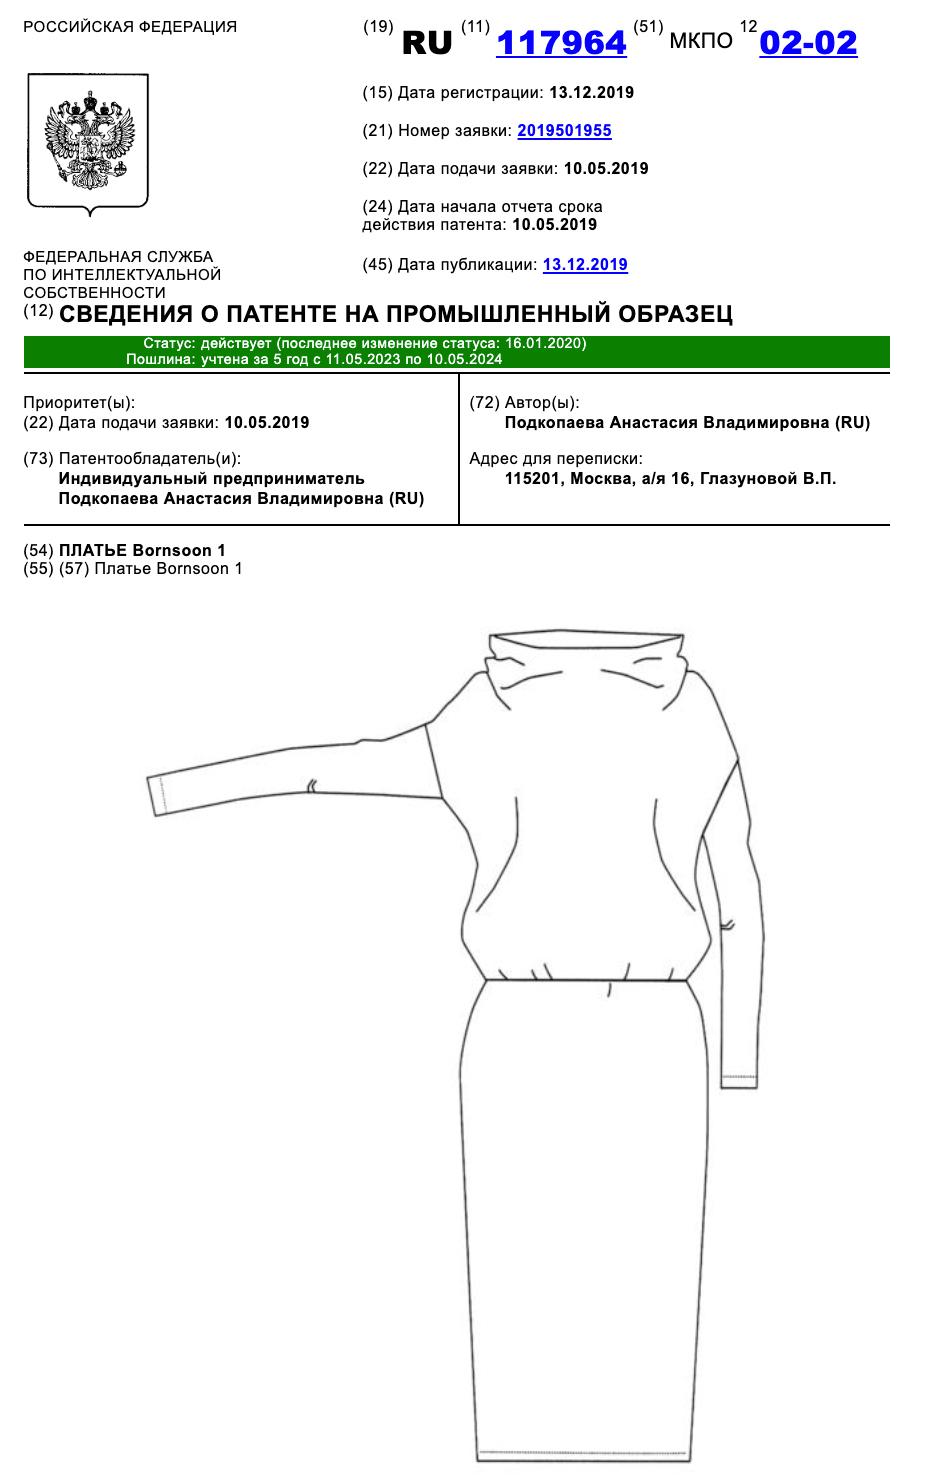 Патент на промышленный образец № 117964. Дизайн одежды (платья) проекция 1.